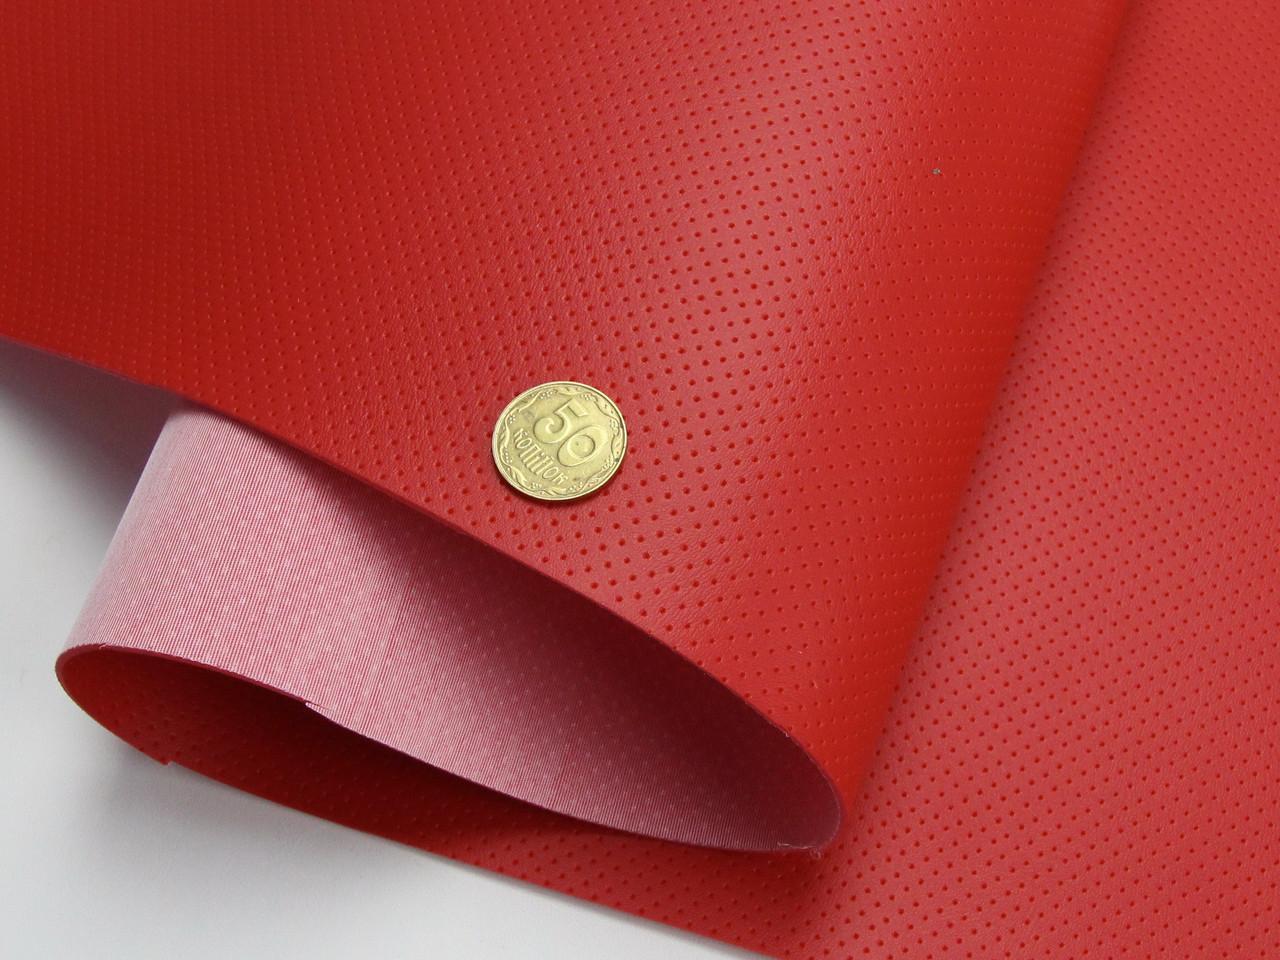 Термовинил псевдо-перфорированный красный (tk-18) на каучуковой основе, для перетяжки руля, дверных карт